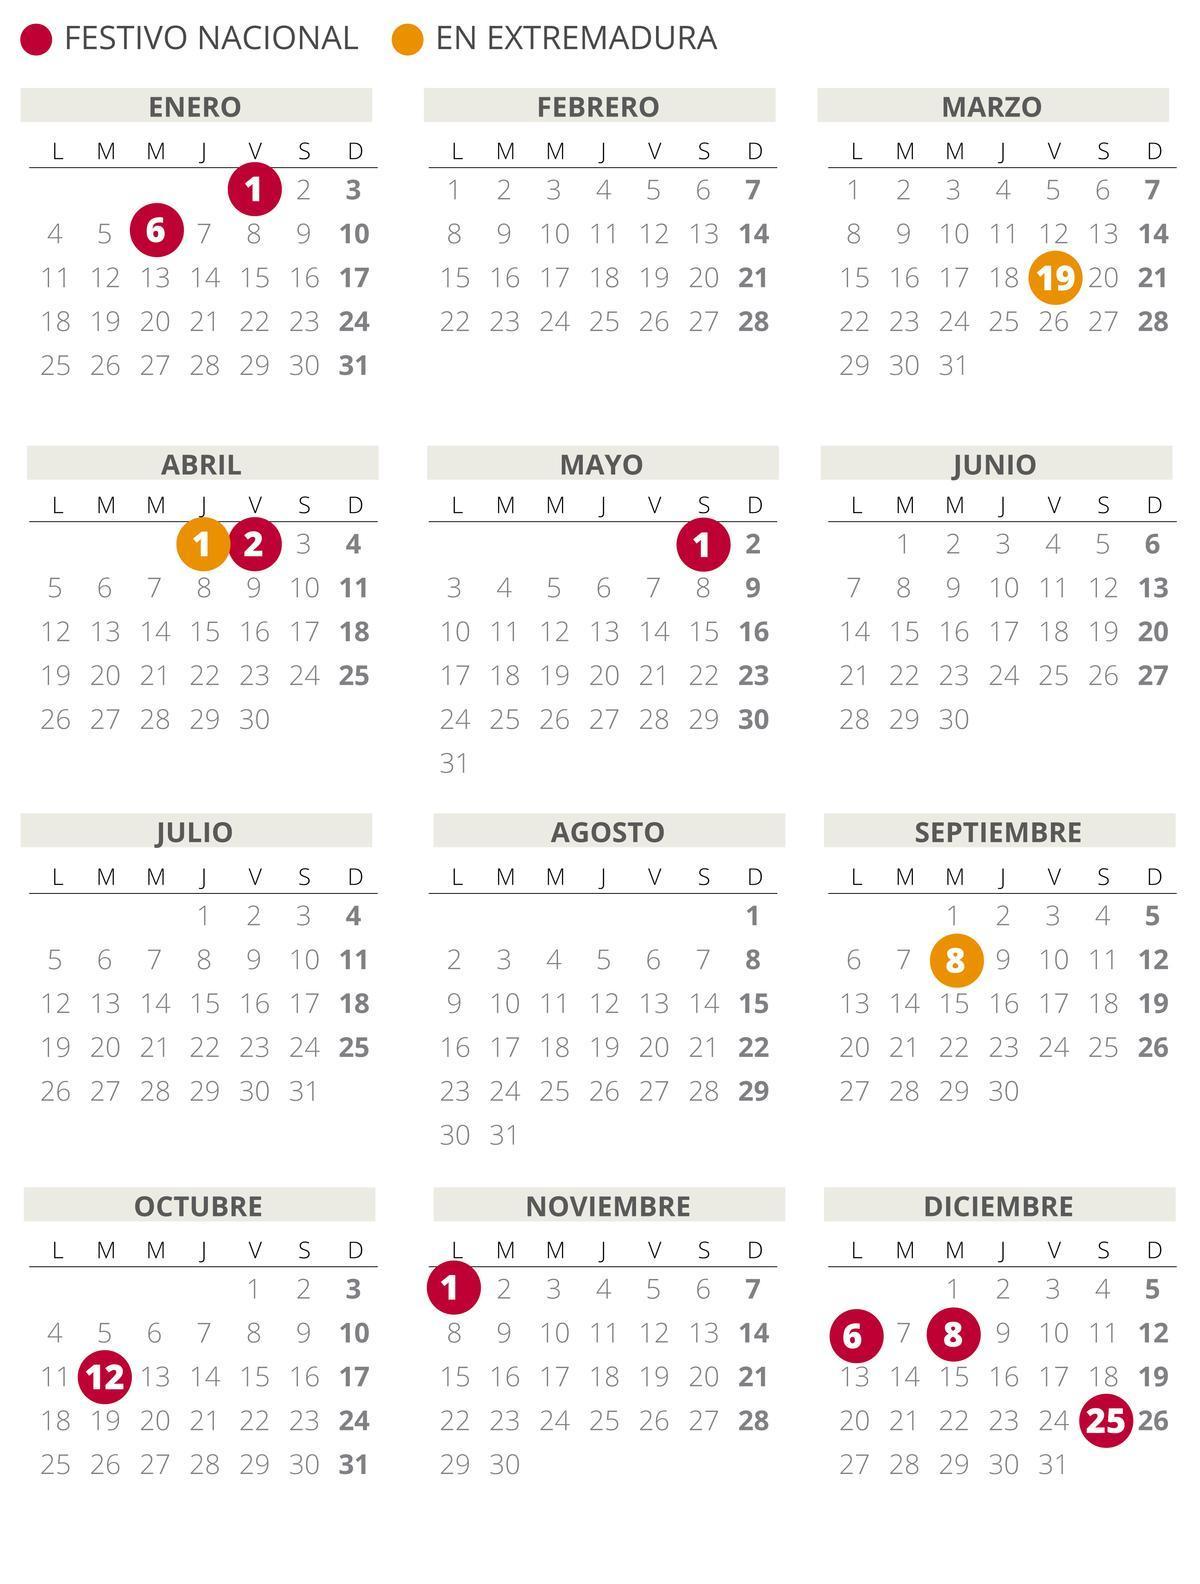 Calendari laboral d'Extremadura 2021 (amb tots els dies festius)